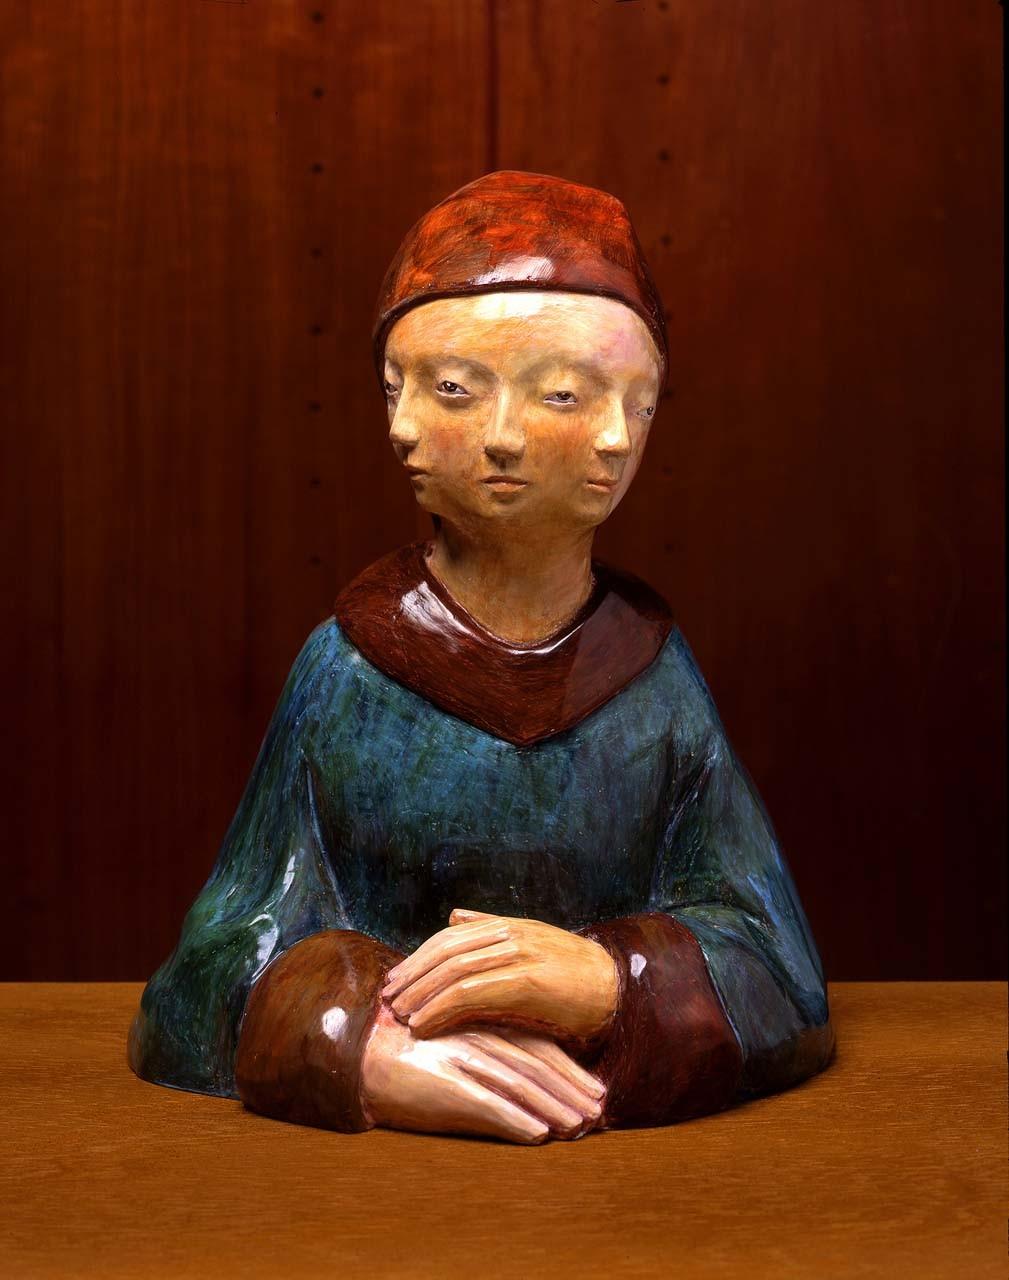 """<div class=""""artwork_caption""""><p>Dreigesichtfrau, 2005</p></div>"""